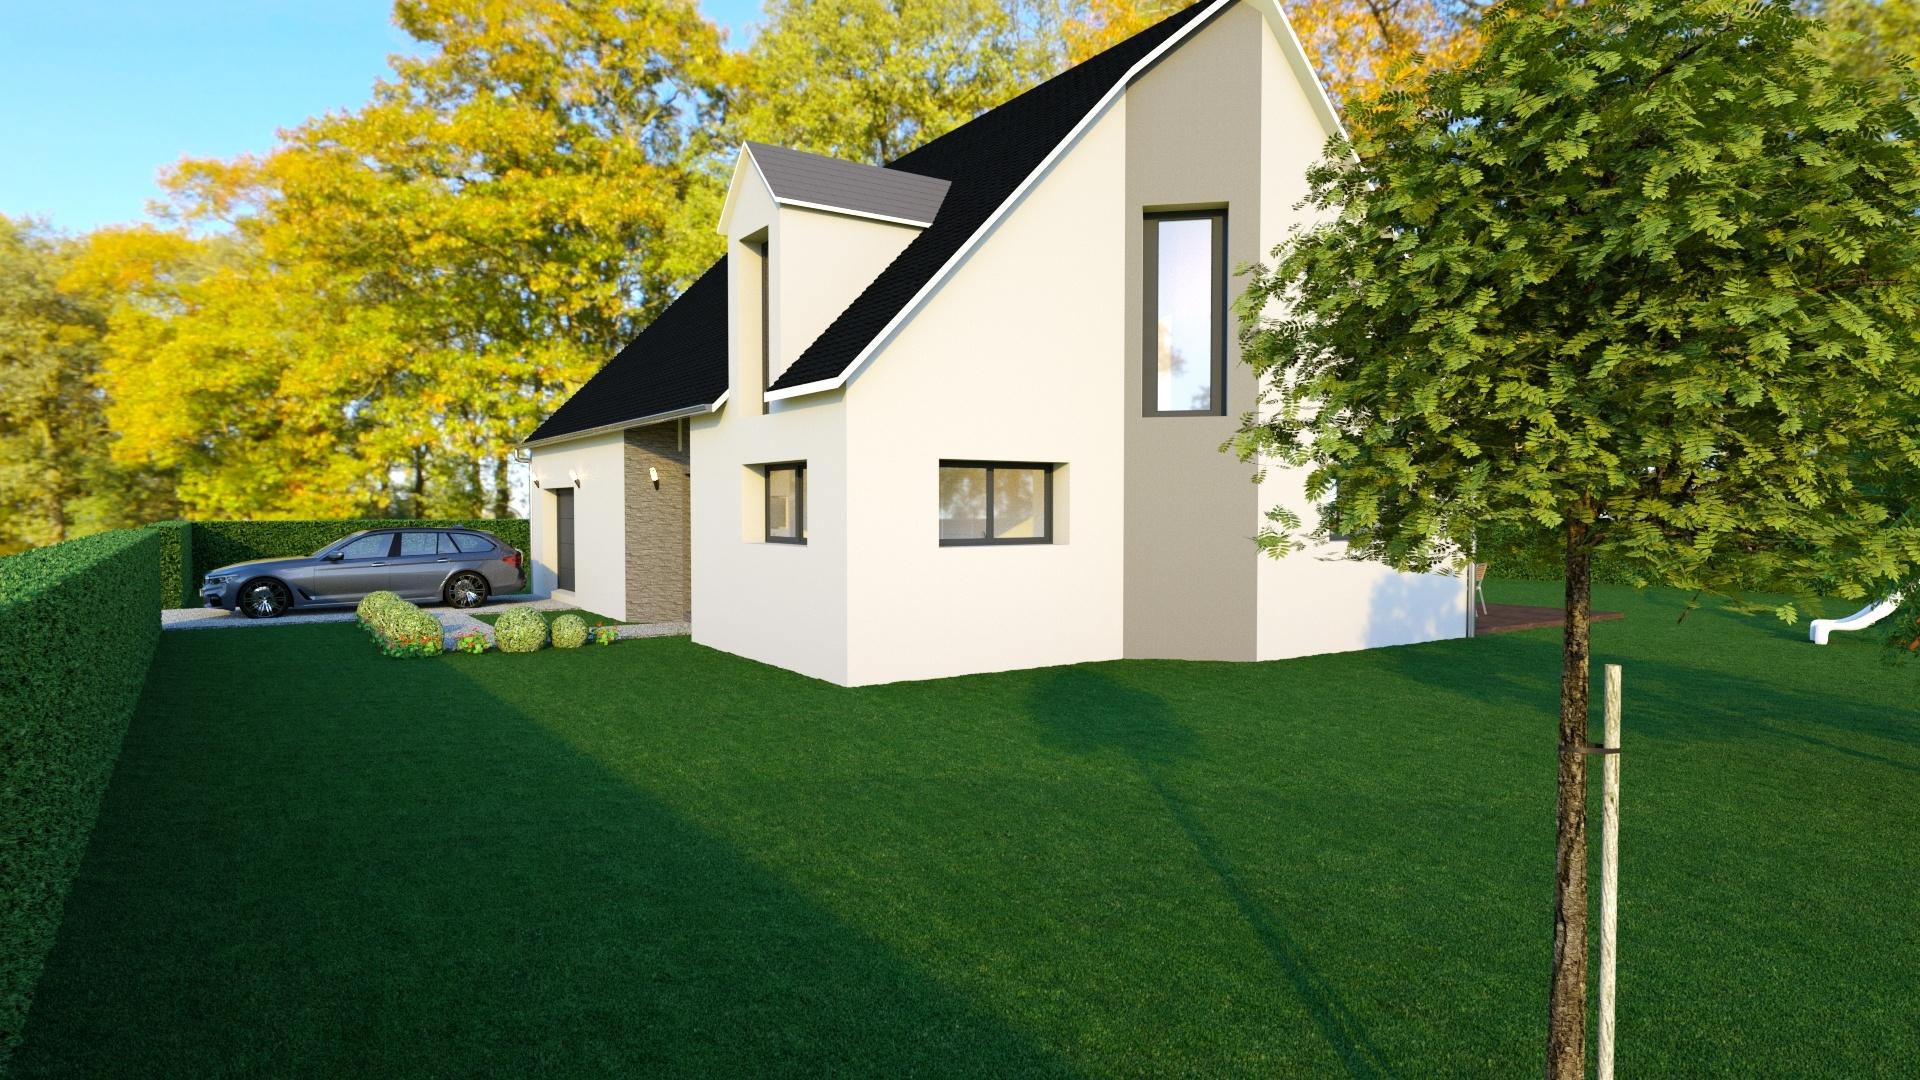 Maisons + Terrains du constructeur GEOXIA NORD OUEST • 125 m² • SAINT JEAN DU CARDONNAY